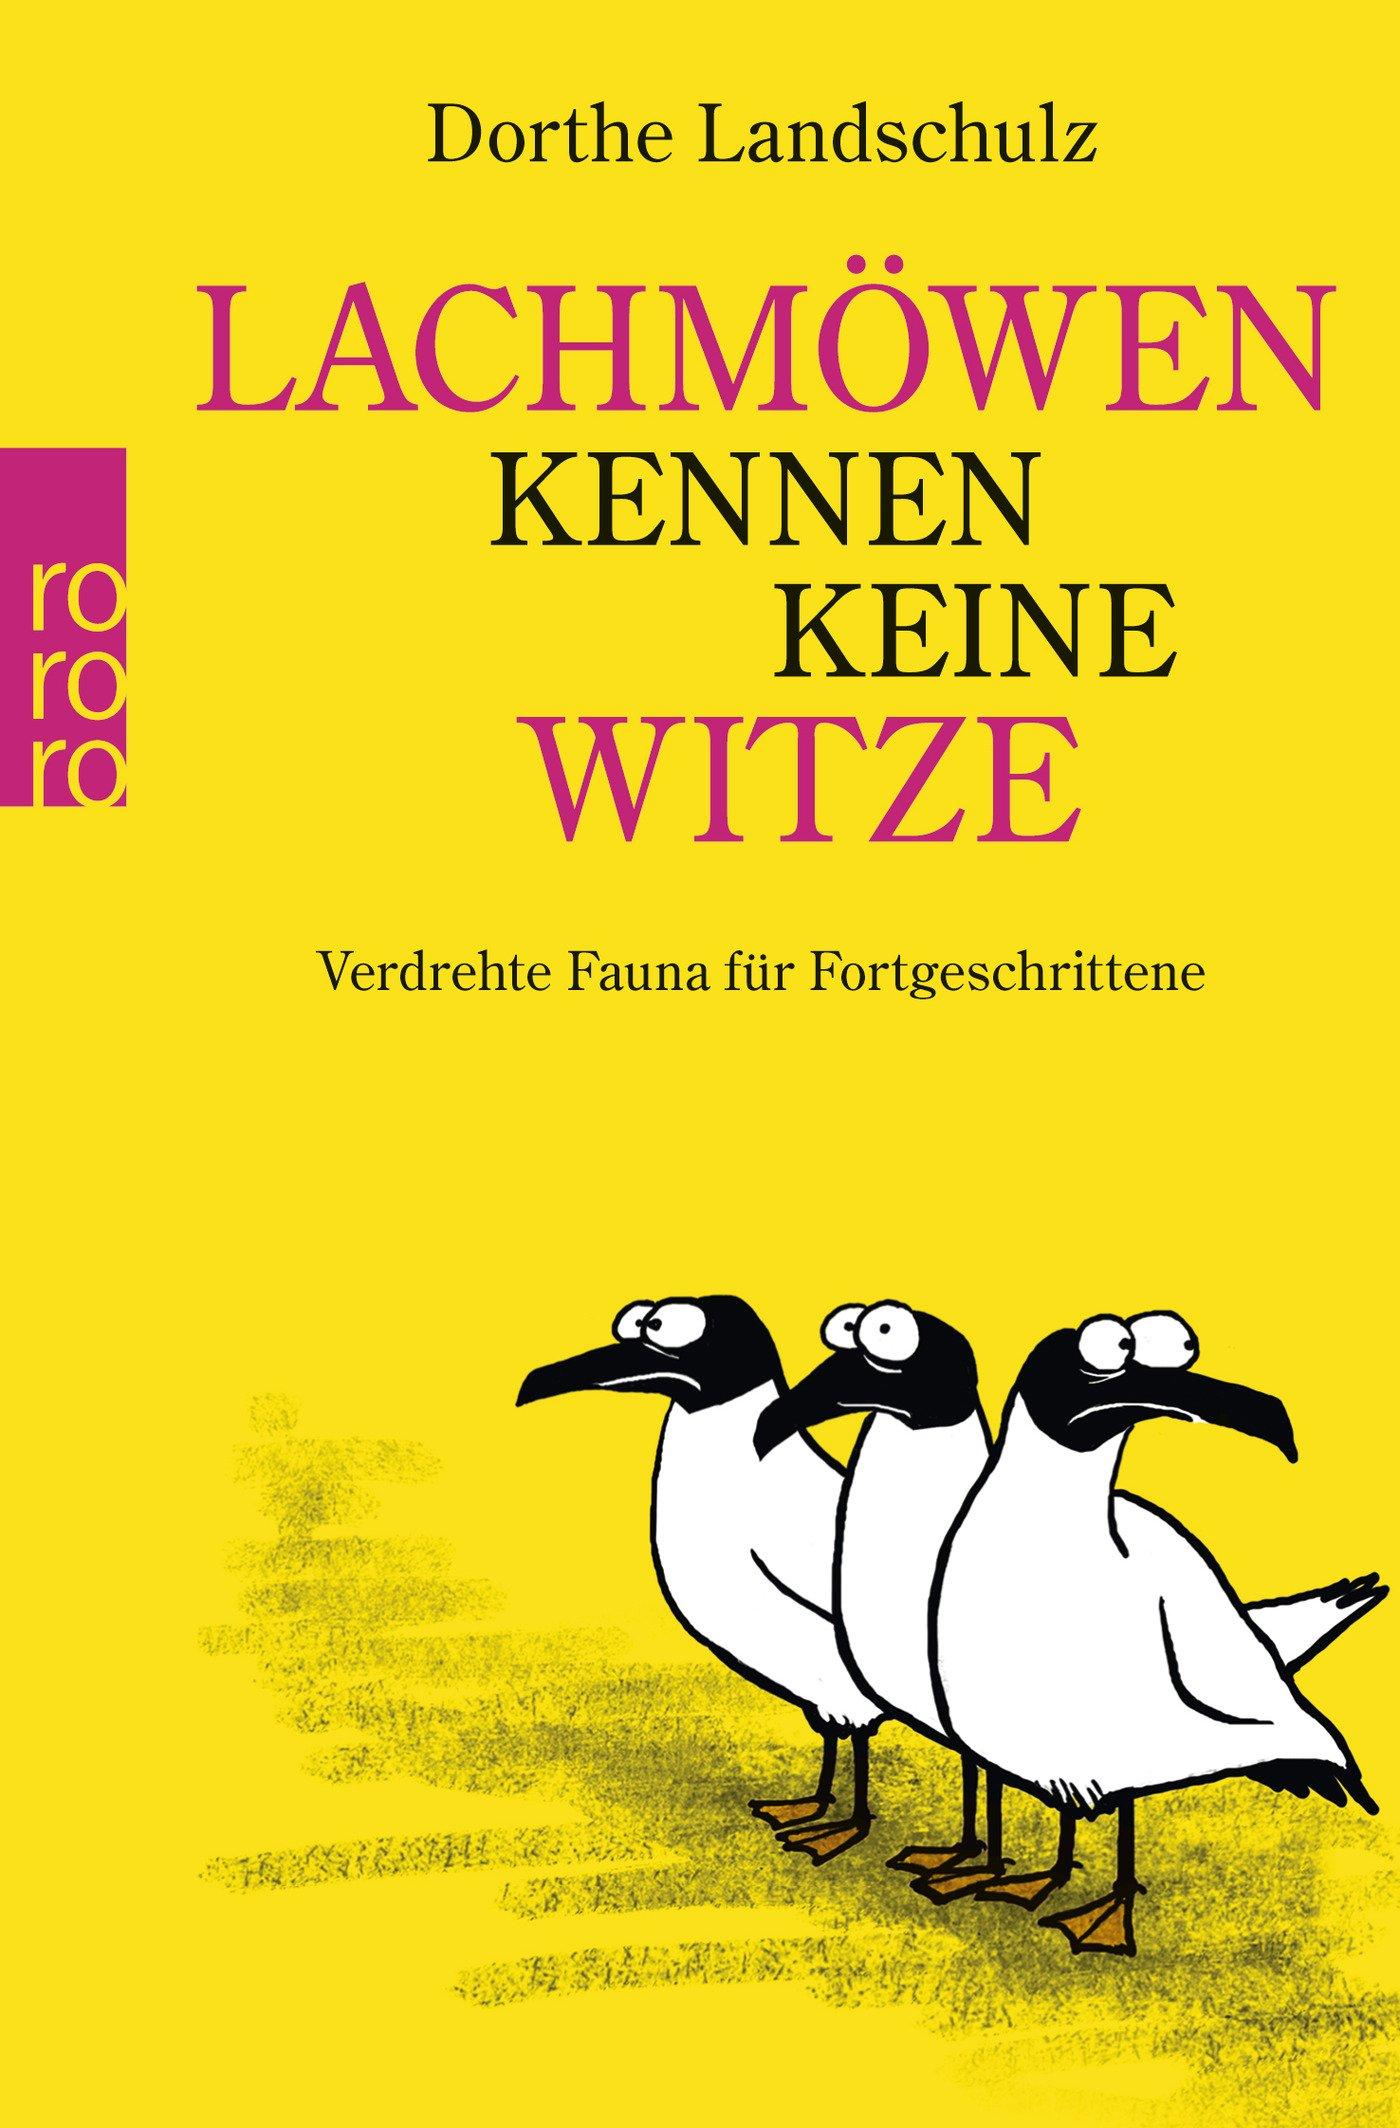 Lachmöwen kennen keine Witze: Verdrehte Fauna für Fortgeschrittene Taschenbuch – 1. Juni 2013 Dorthe Landschulz Rowohlt Taschenbuch 3499619830 Comic